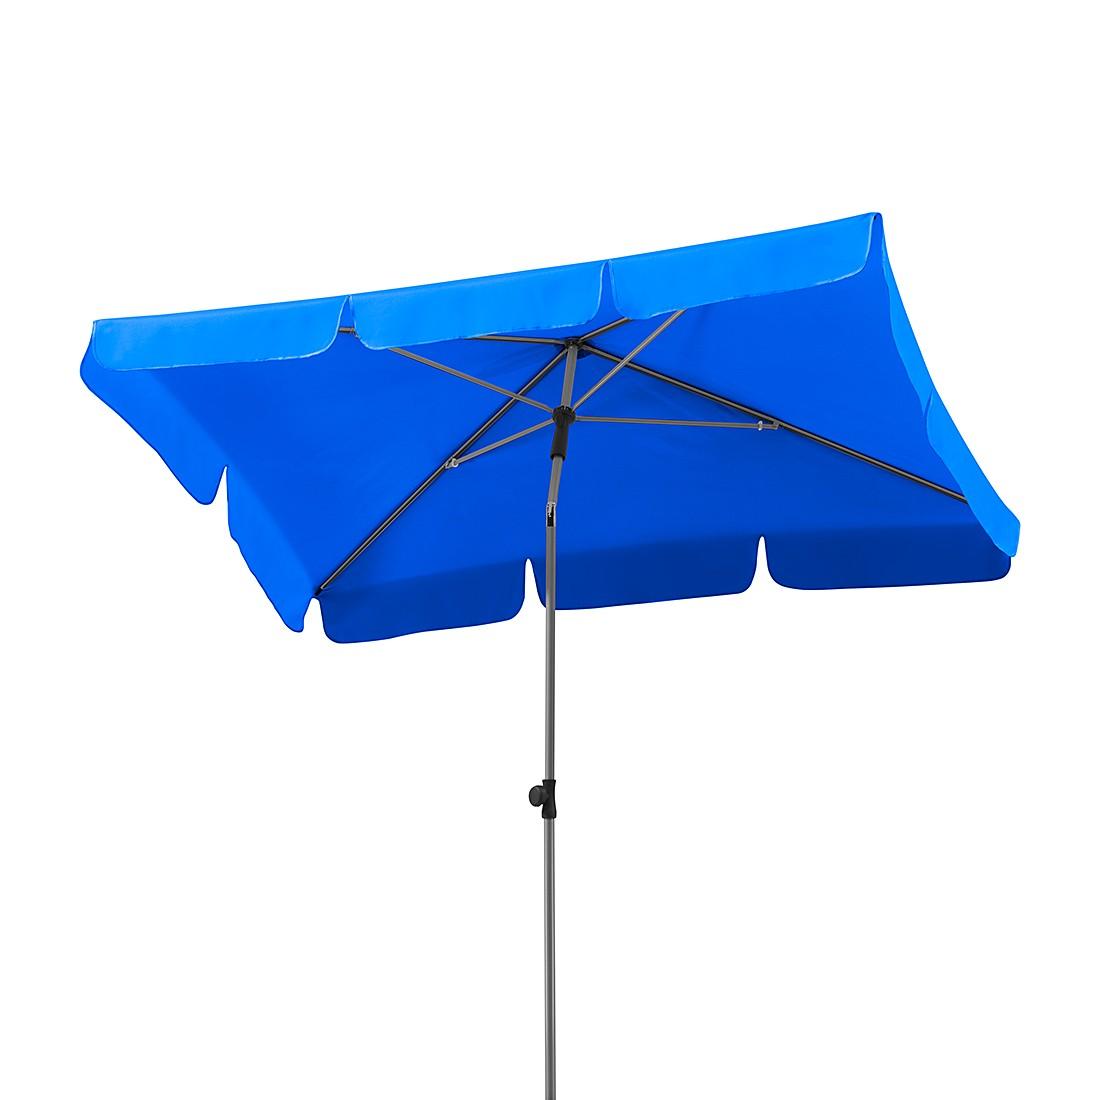 Lugano 180x120 Sonnenschirm - Stahl/Polyester - Silber/Royalblau, Schneider Schirme